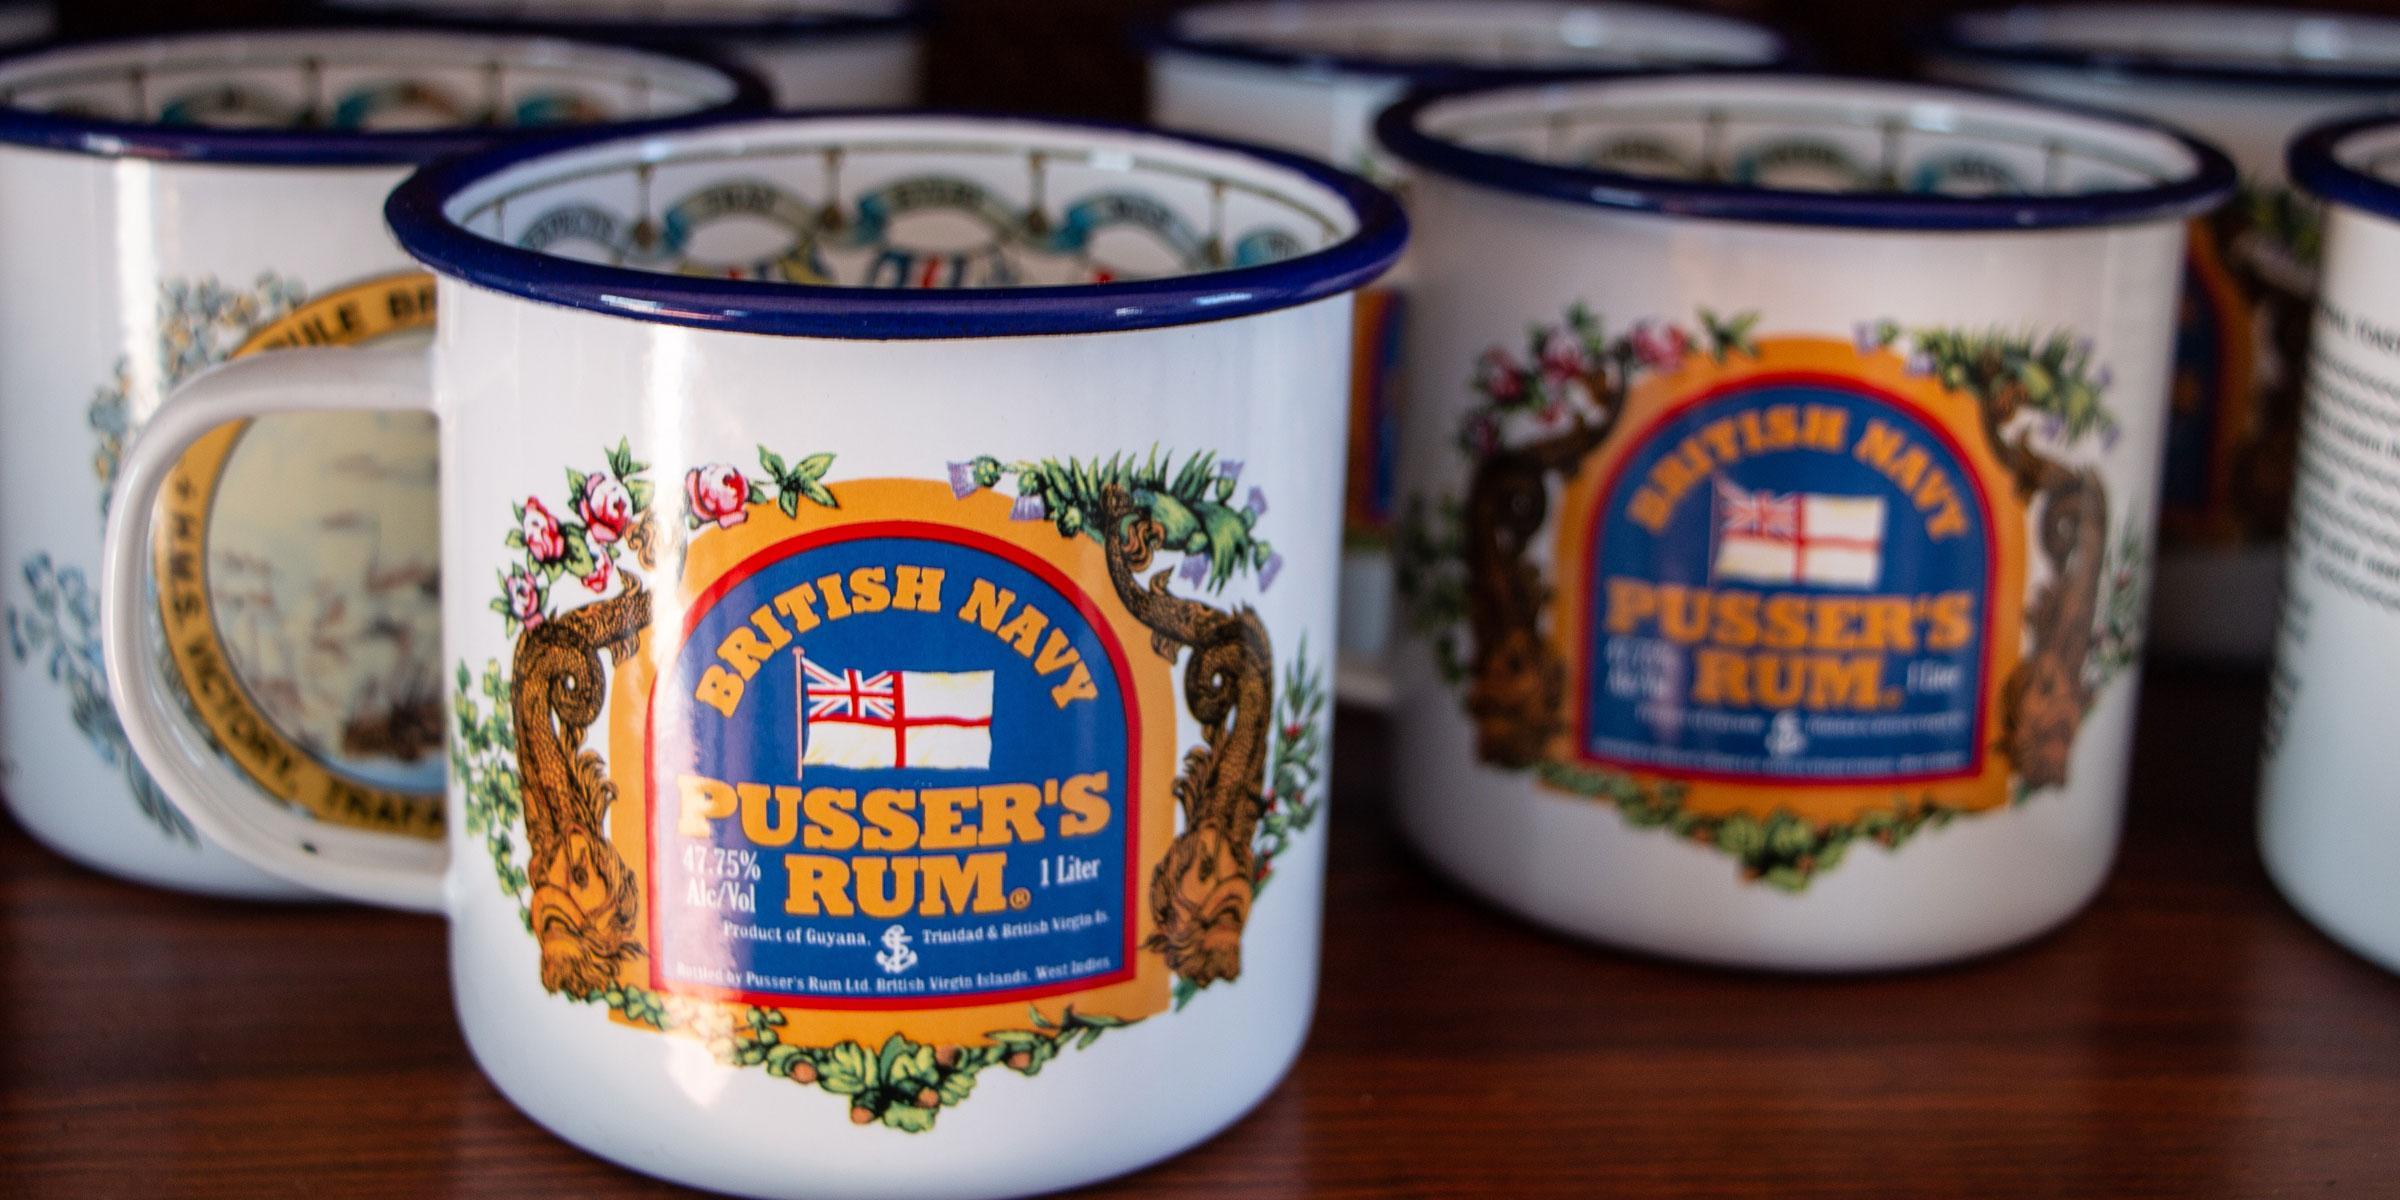 Pusser's Rum cups